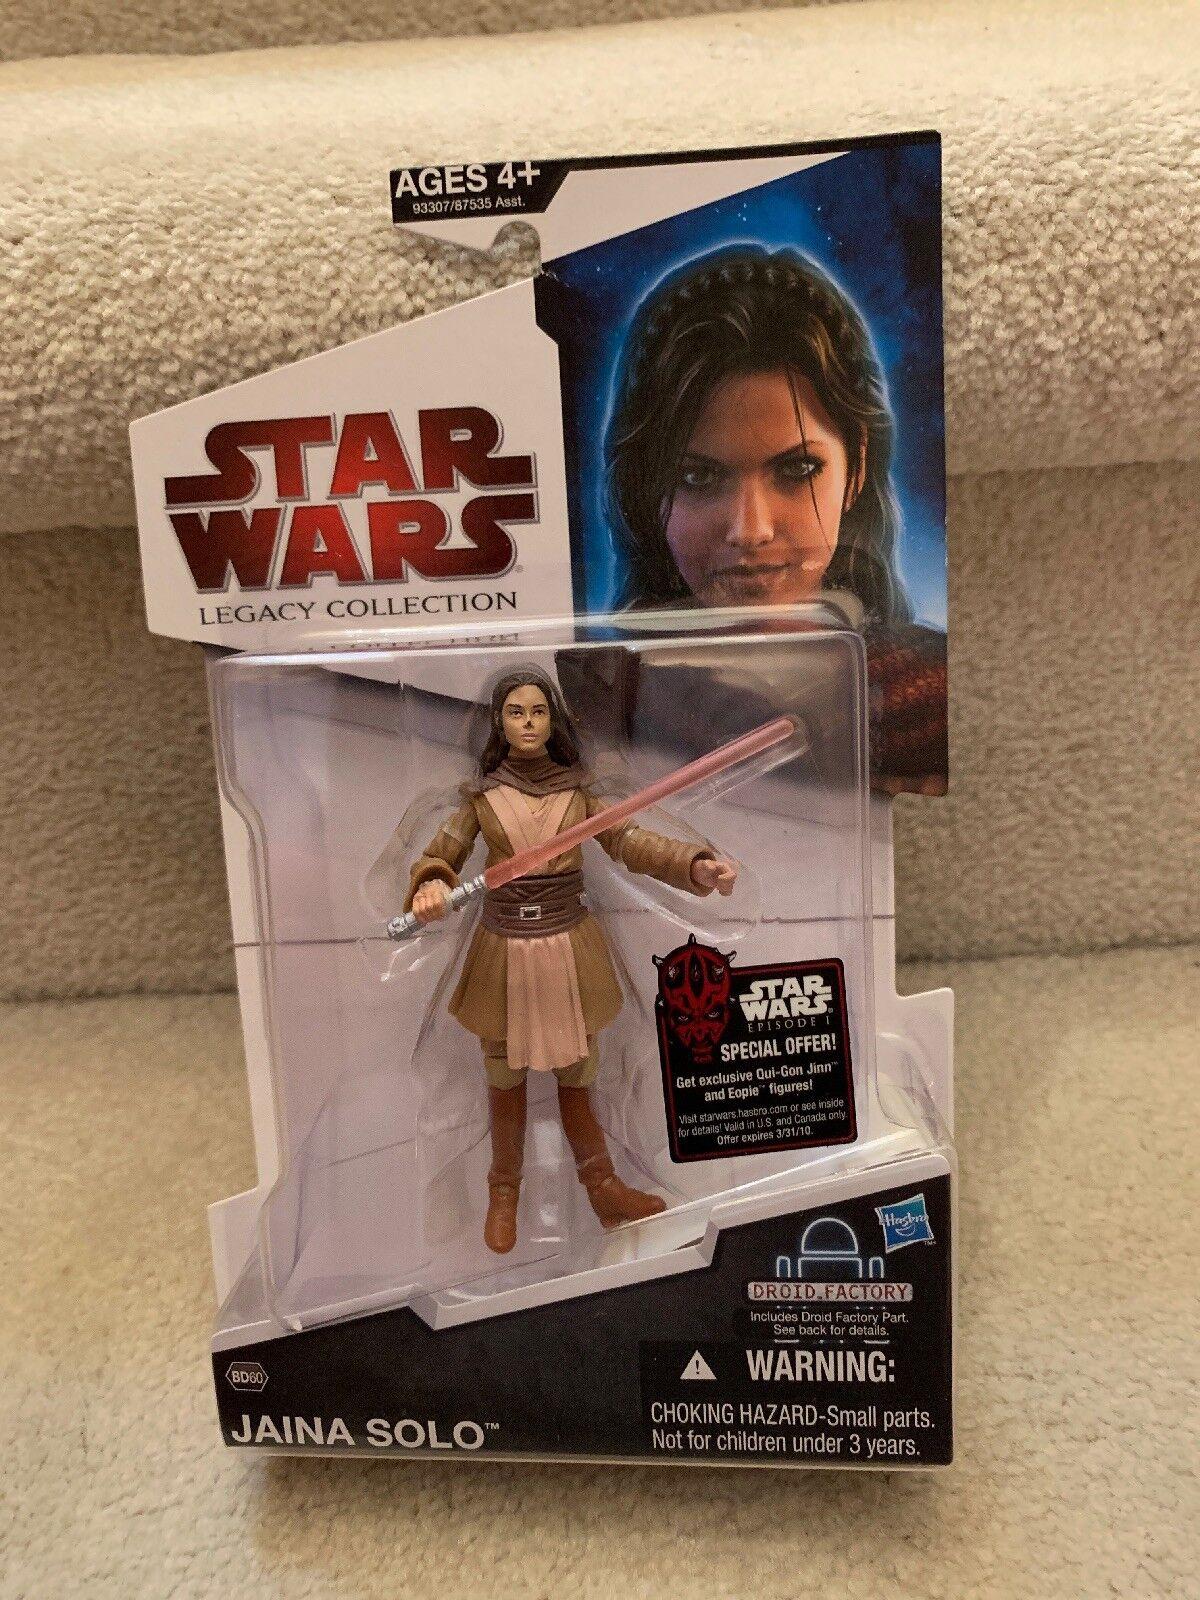 2009 HASBRO Star Wars Legacy Collection Jaina Solo MOC BD60 BAF NEUF Scellé RARE